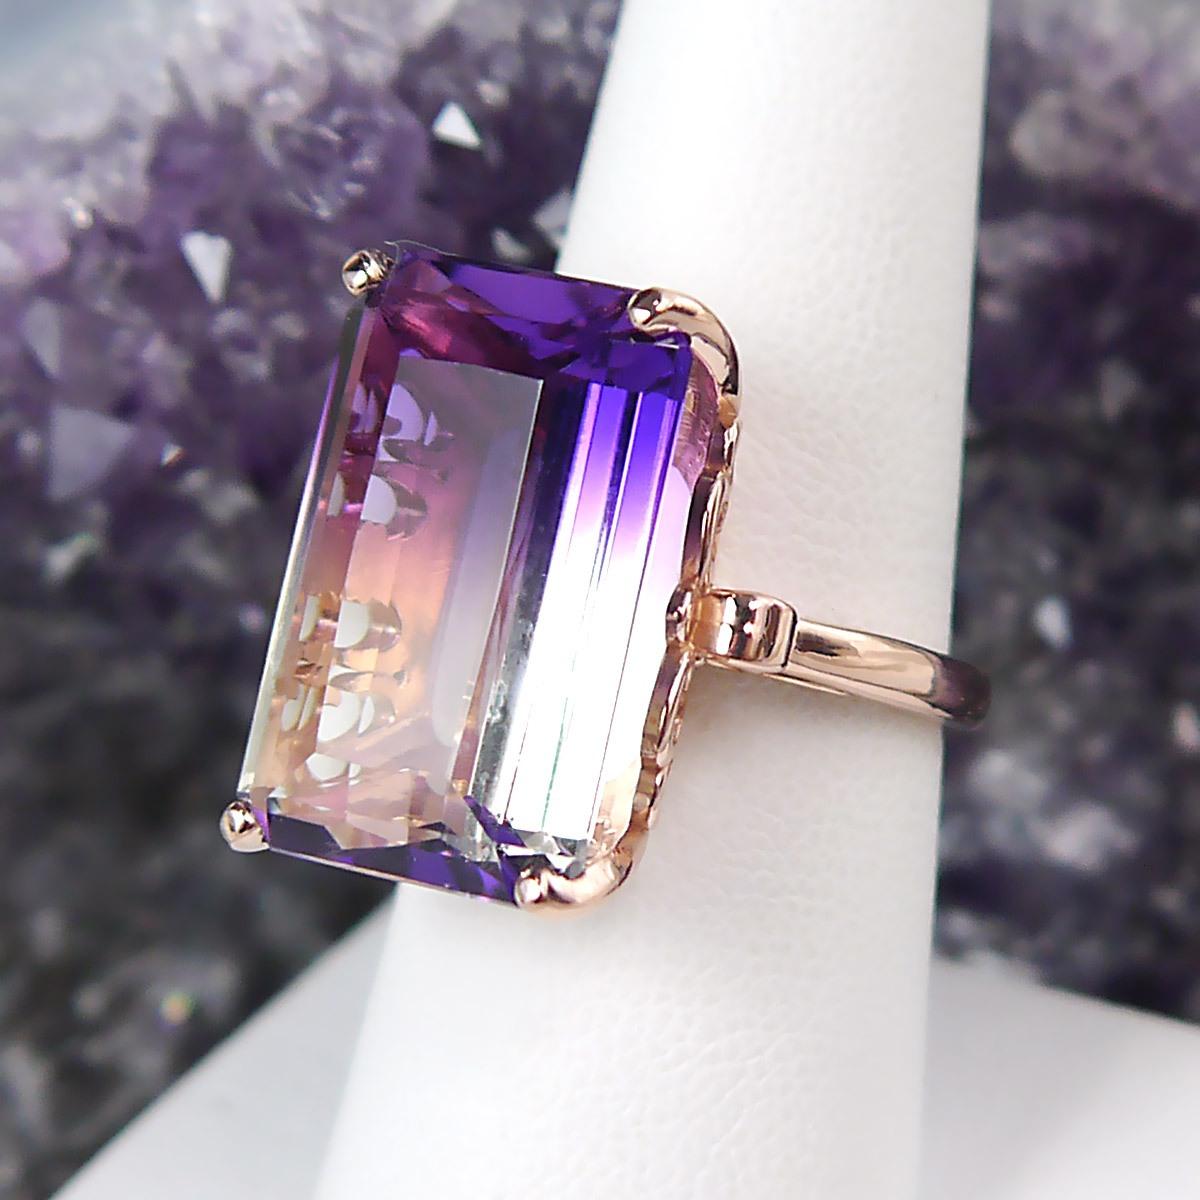 Custom Bi-color Quartz Gemstone Ring in 14k Rose Gold